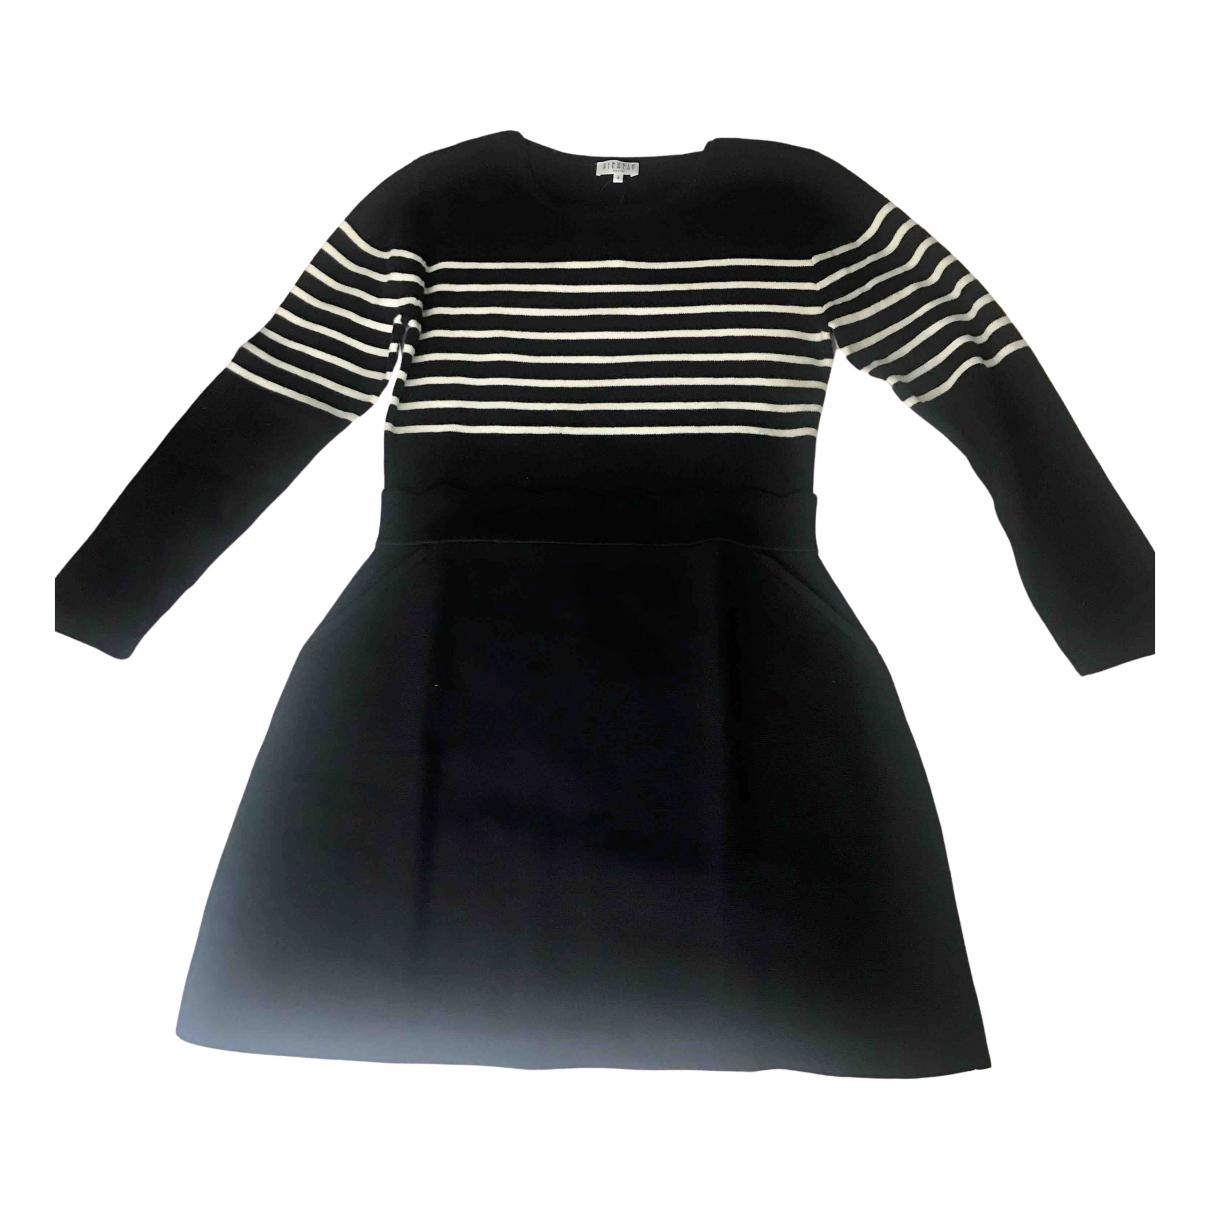 Claudie Pierlot Fall Winter 2019 Blue Cotton dress for Women 40 FR